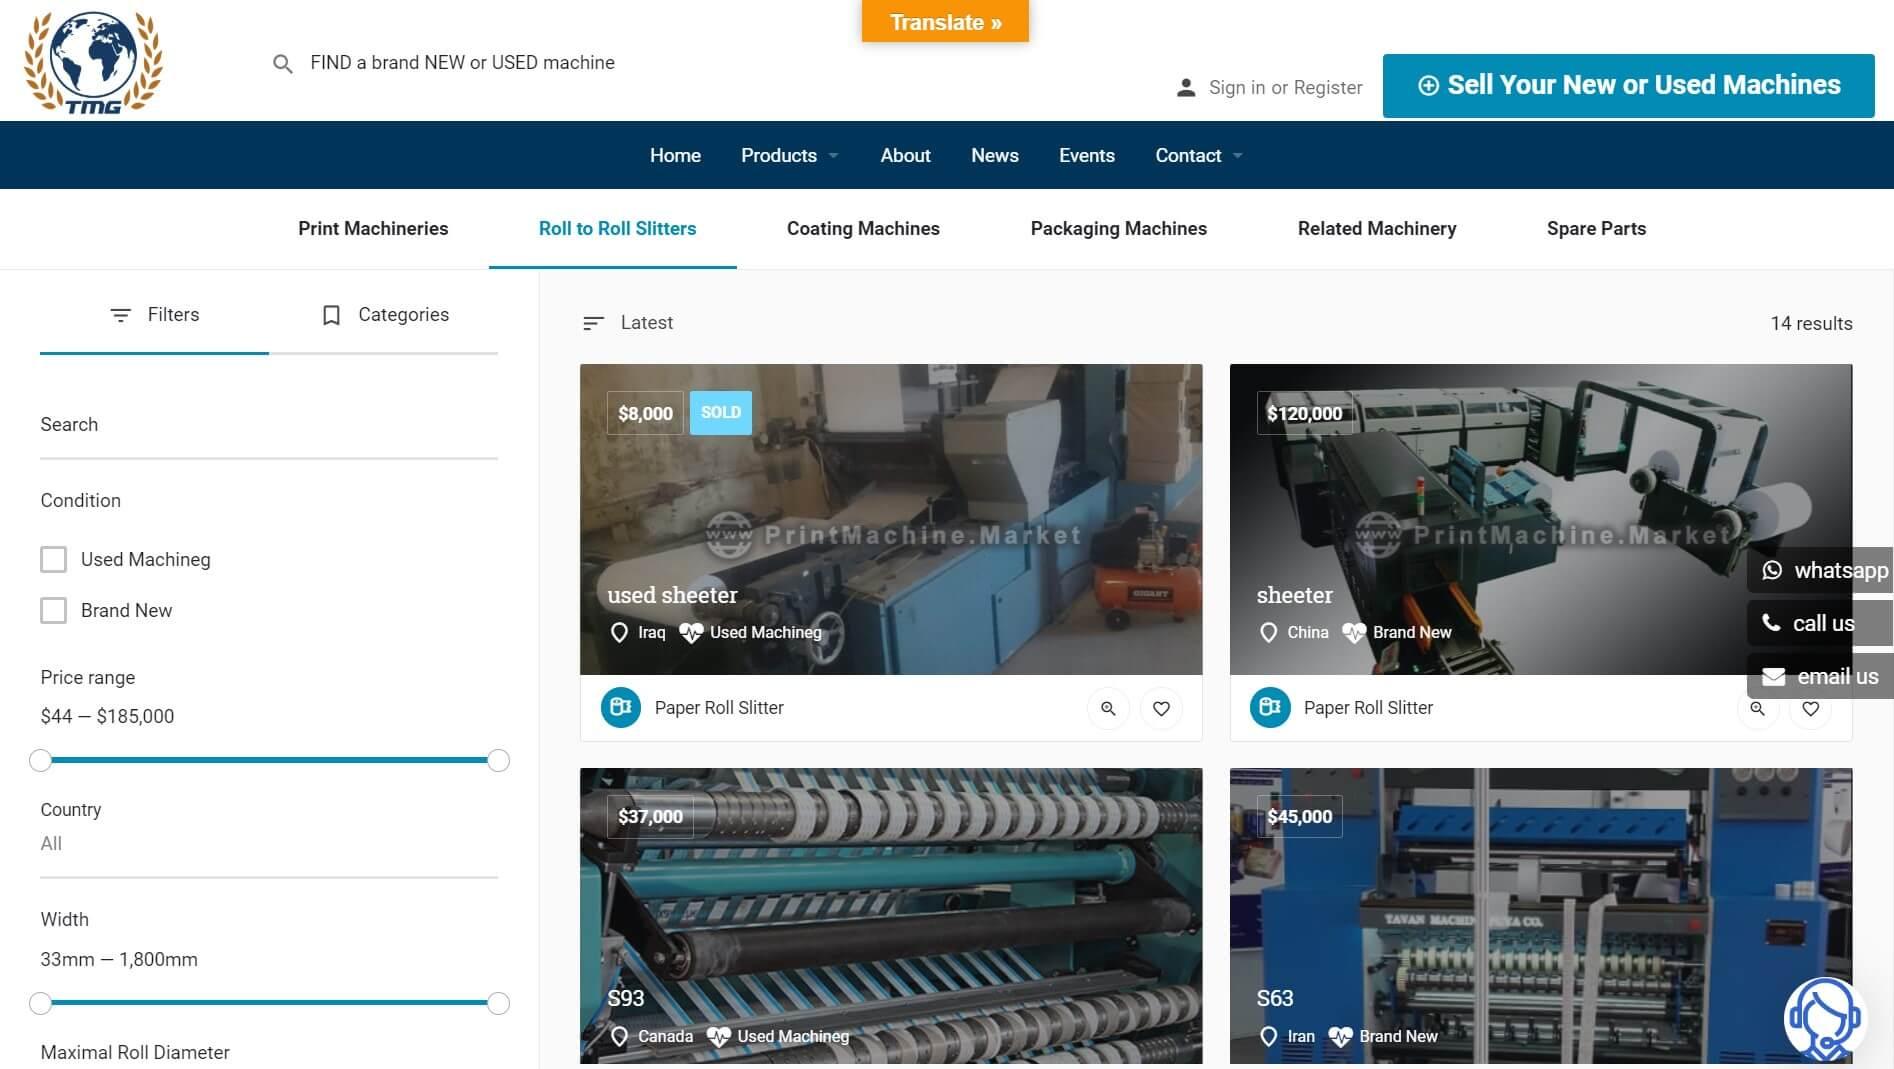 طراحی-سایت-تخصصی-خرید-و-فروش-جستجو